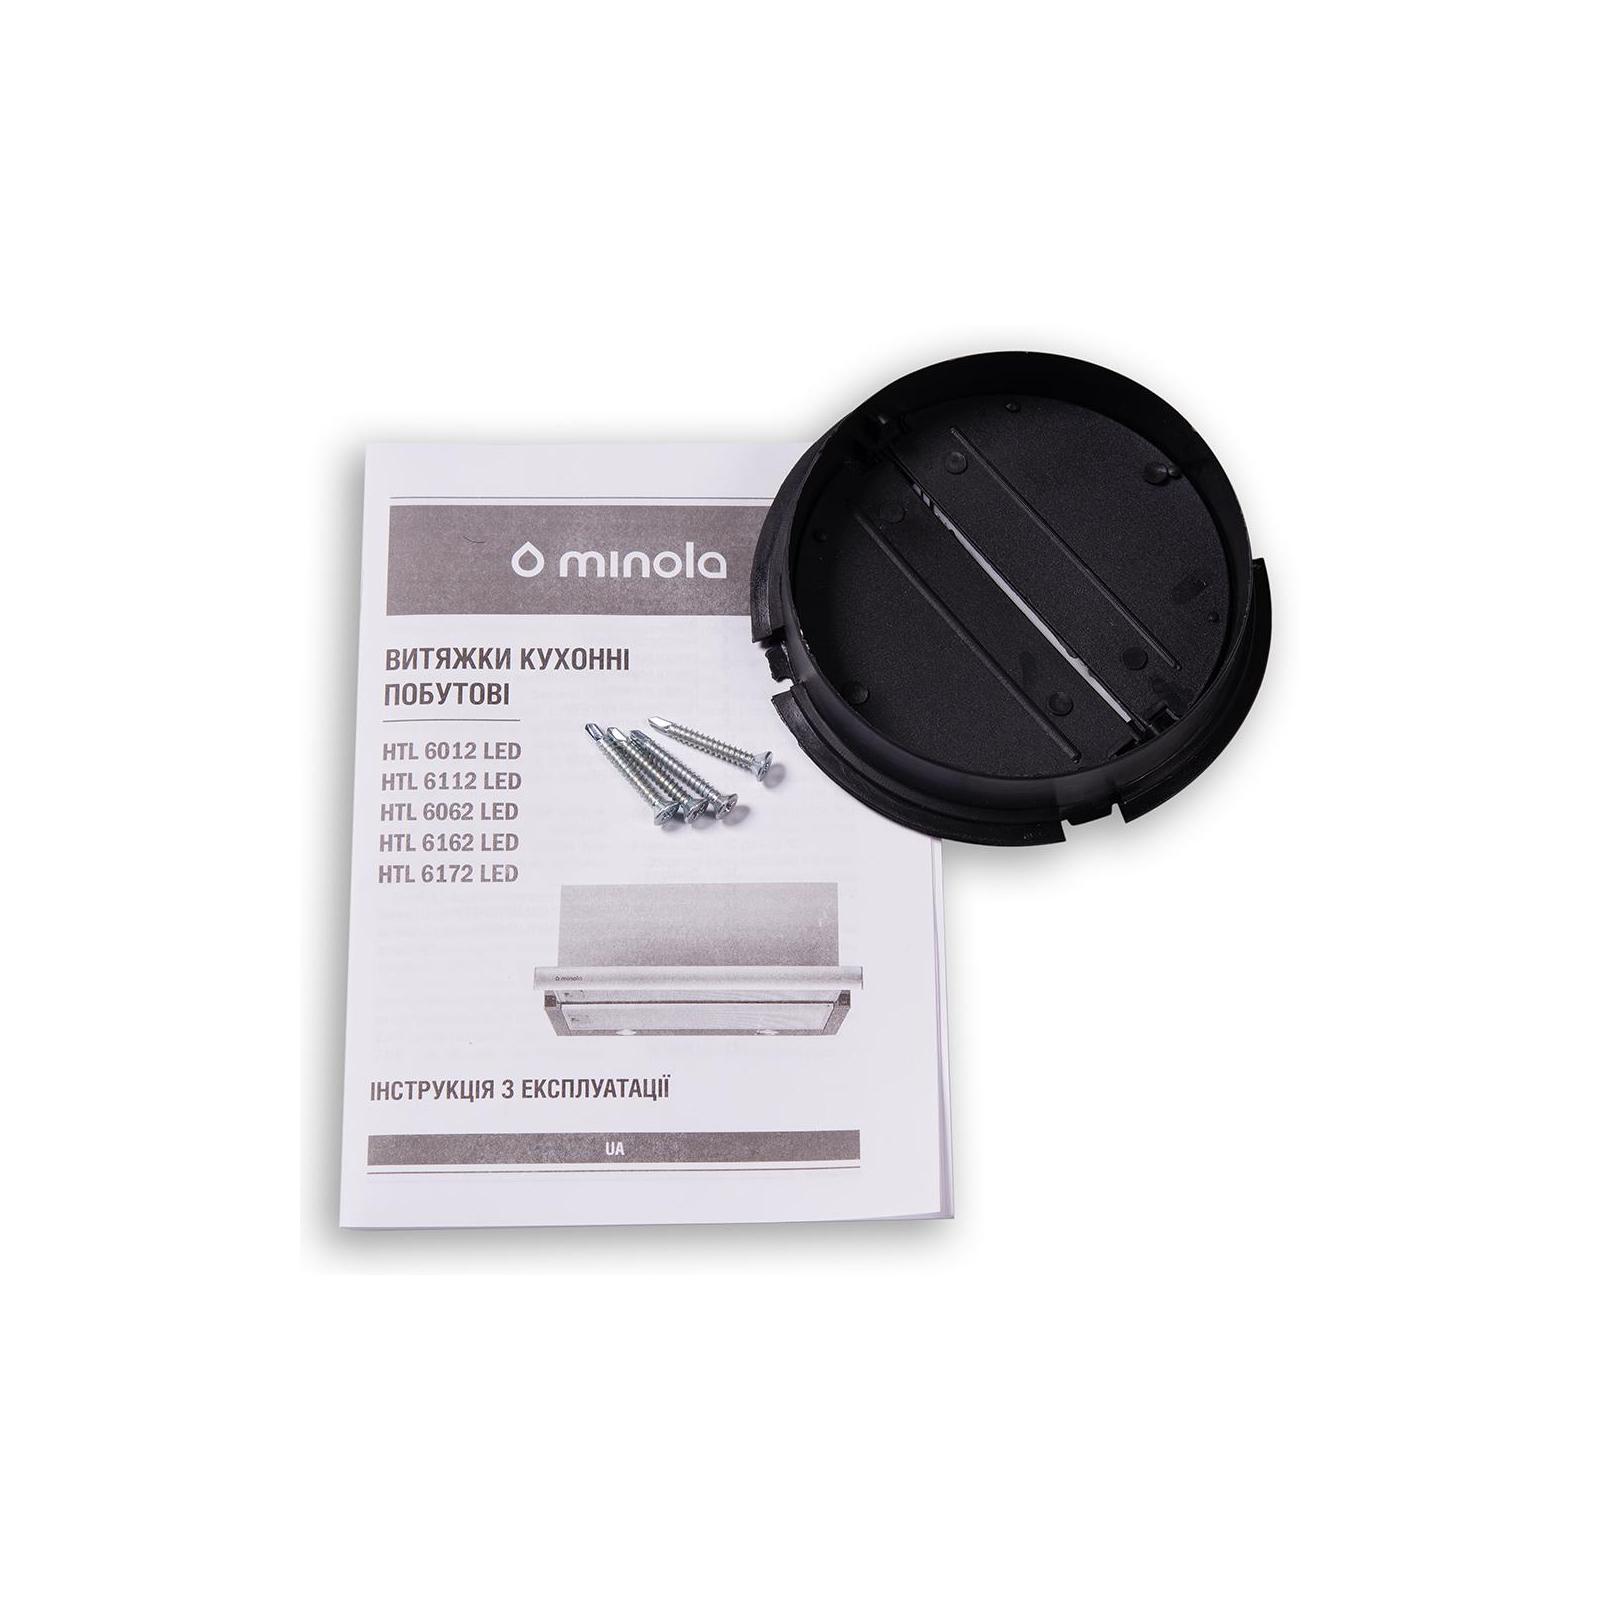 Вытяжка кухонная MINOLA HTL 6012 FULL INOX 450 LED изображение 9